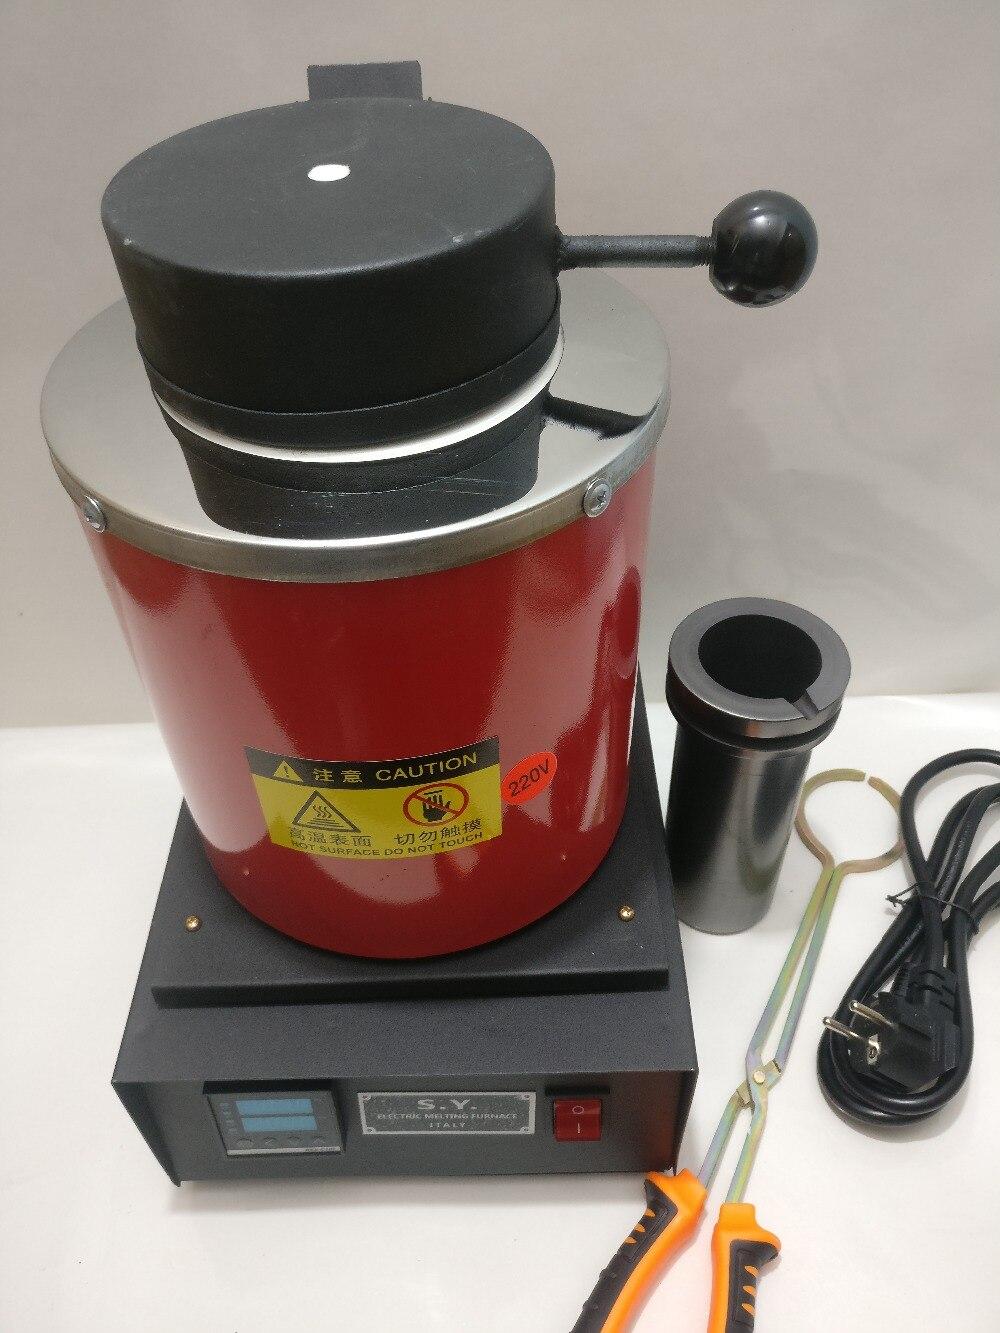 110 v/220 v, aparelho de fusão de jóias, forno de fusão elétrica ouro e prata forno de fusão com capacidade 2 kg, máquina de fundição de bronze joyeri